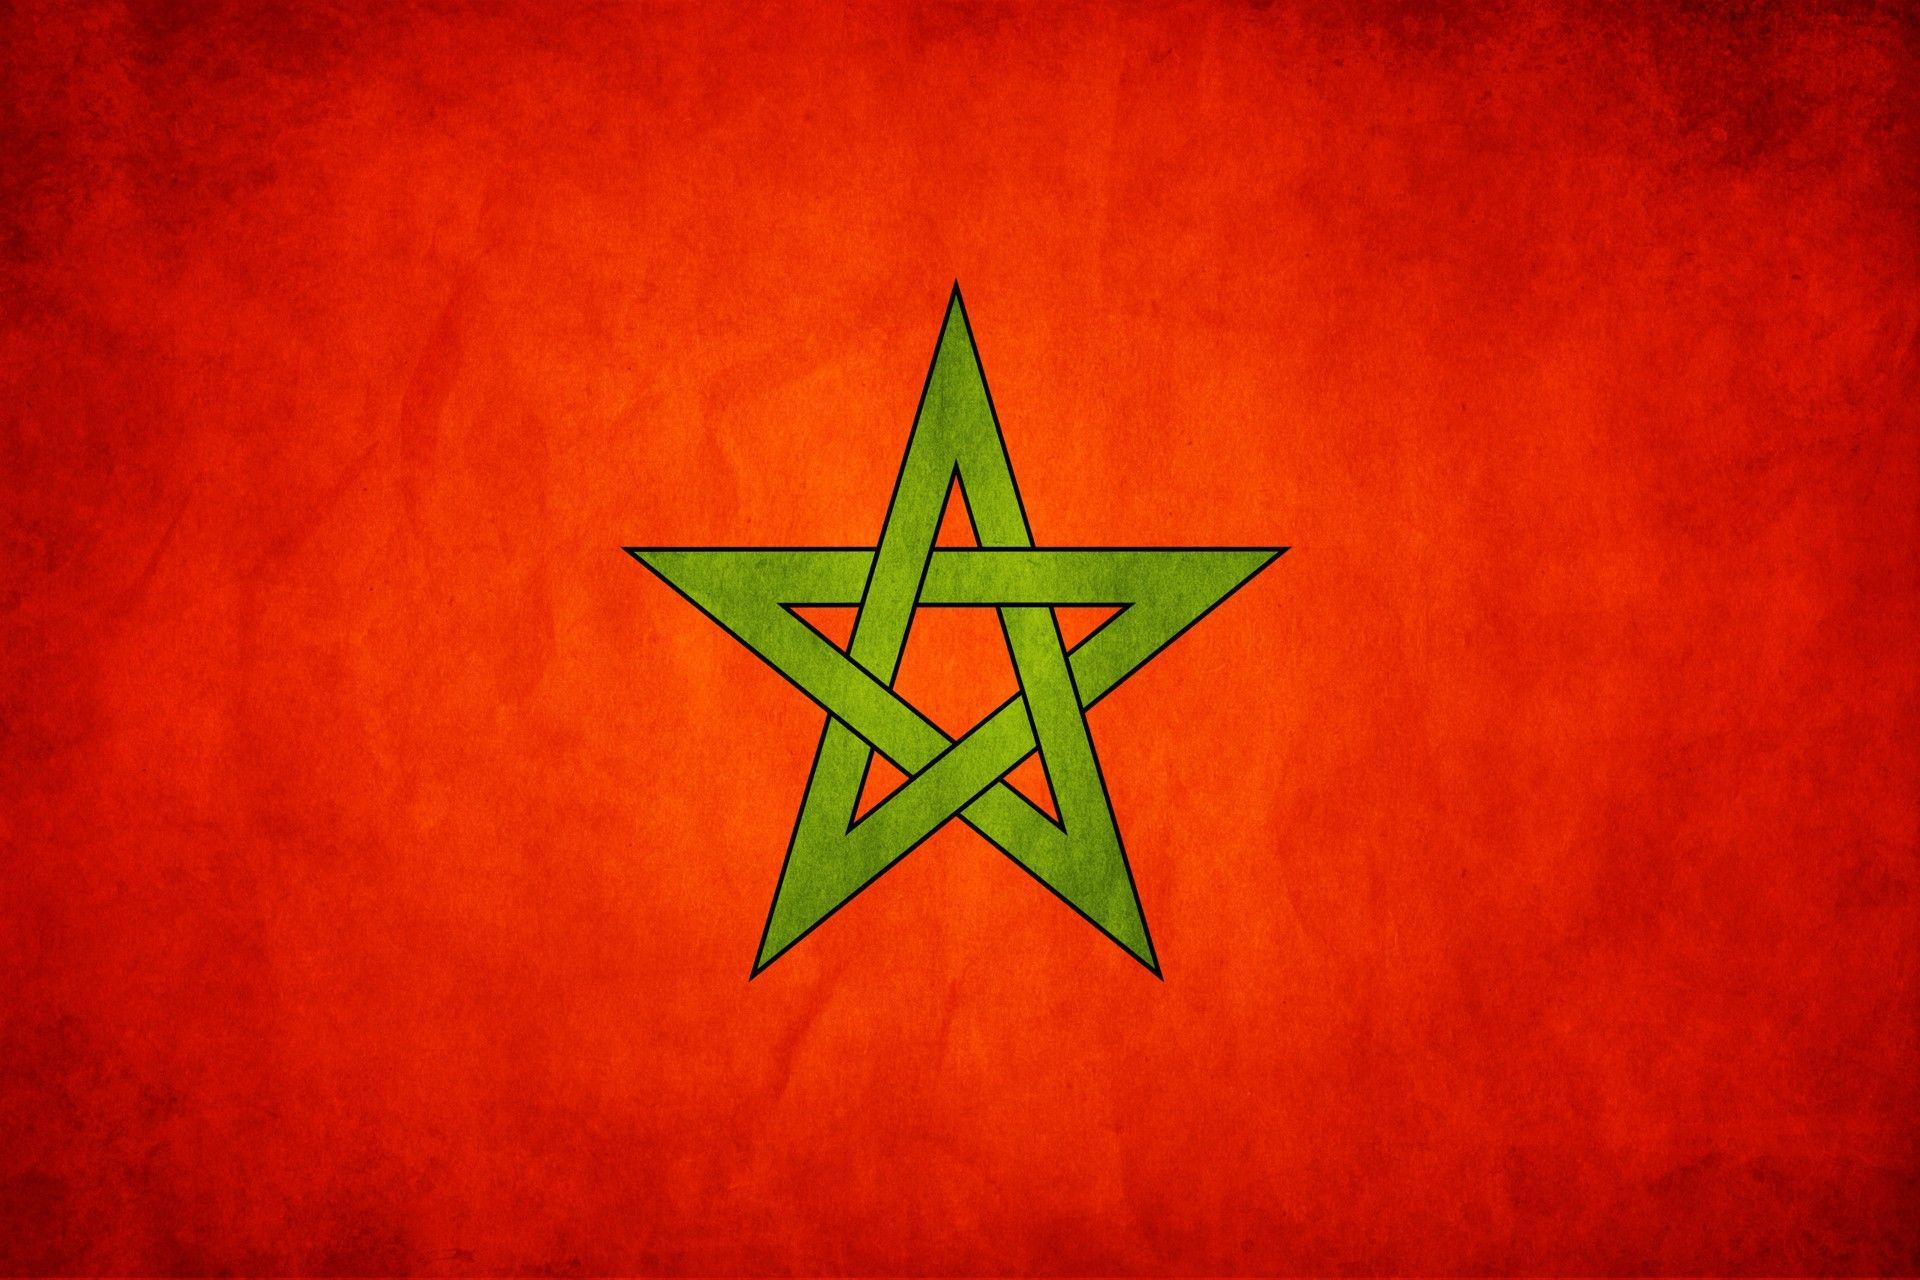 Epingle Par Louiza Sur Afrika Maroc Maroc Drapeau Essaouira